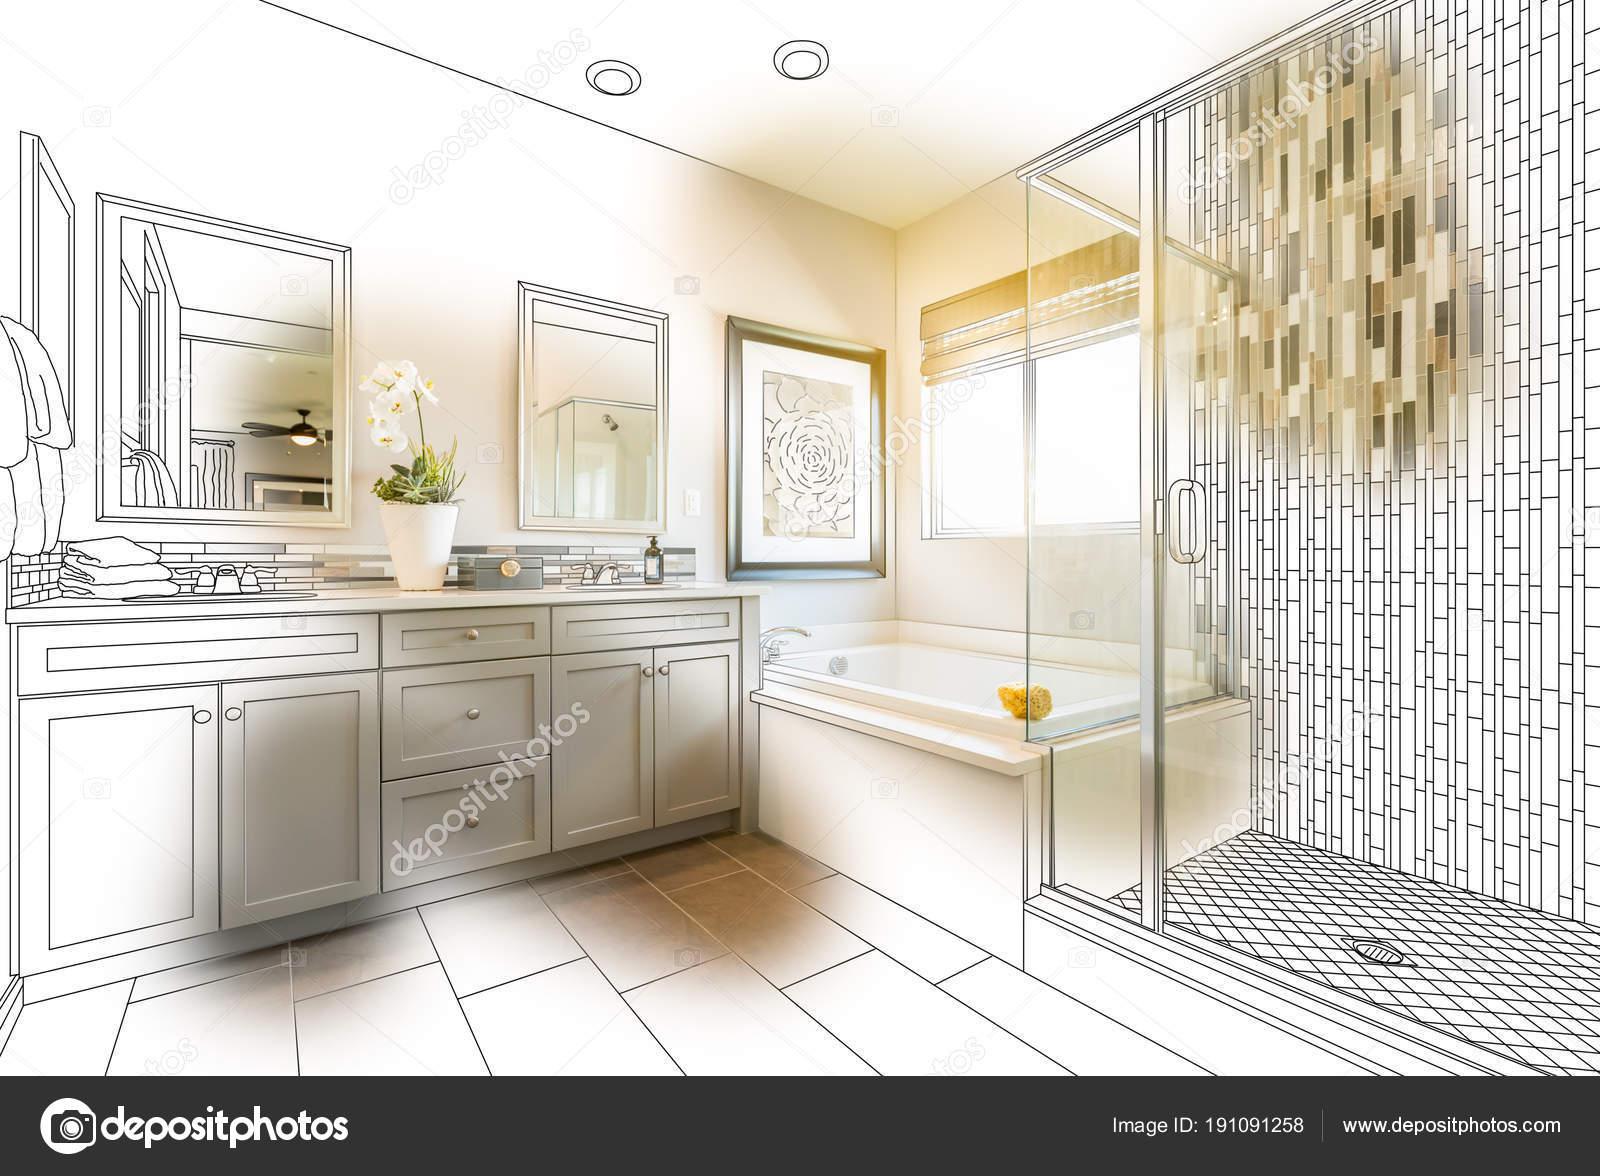 Aangepaste Master badkamer ontwerp tekening met penseelstreek ...